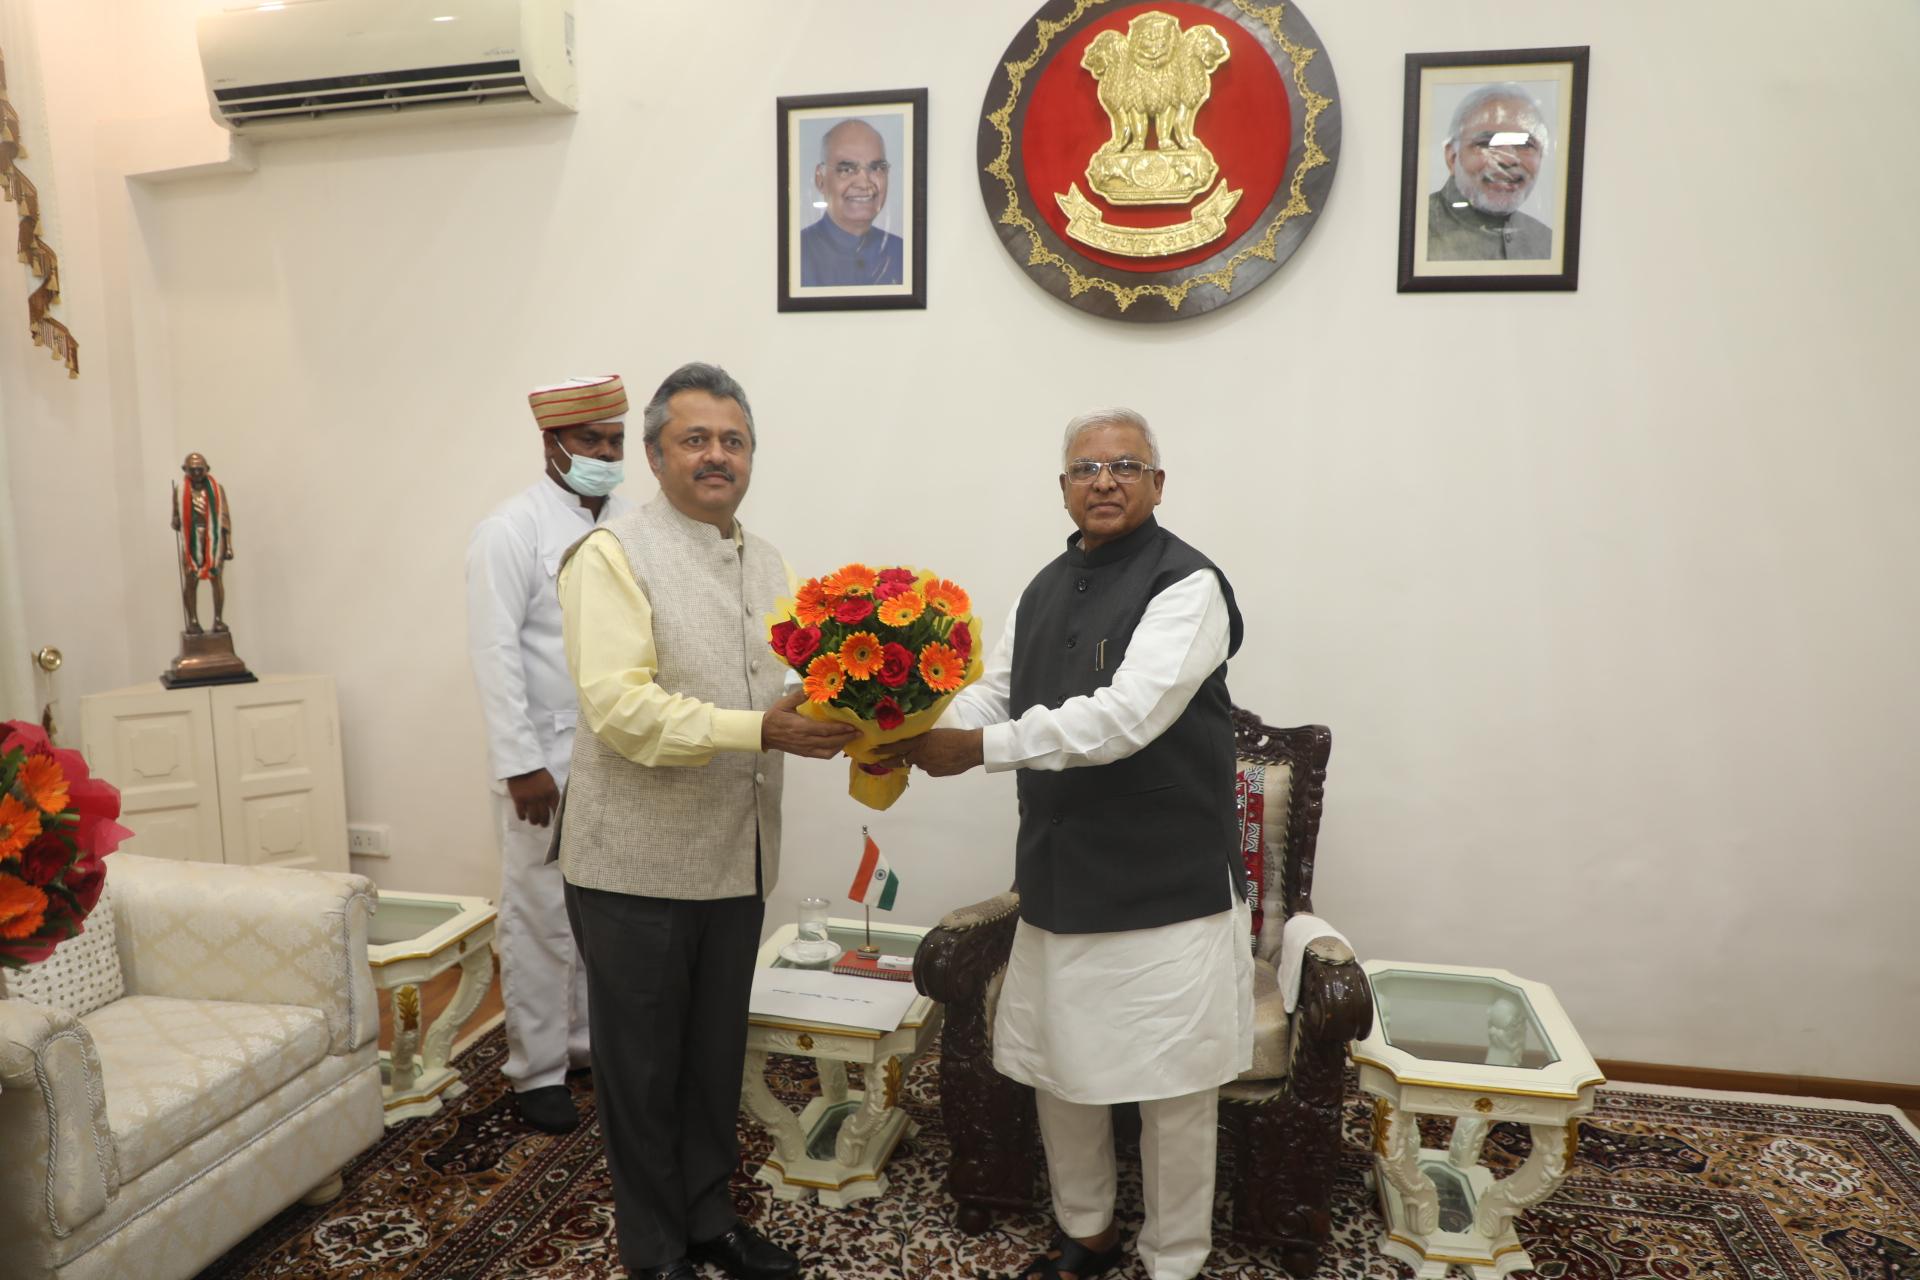 मप्र के 27वें मुख्य न्यायाधीश बने रवि विजय कुमार मलिमथ, राज्यपाल ने दिलाई शपथ